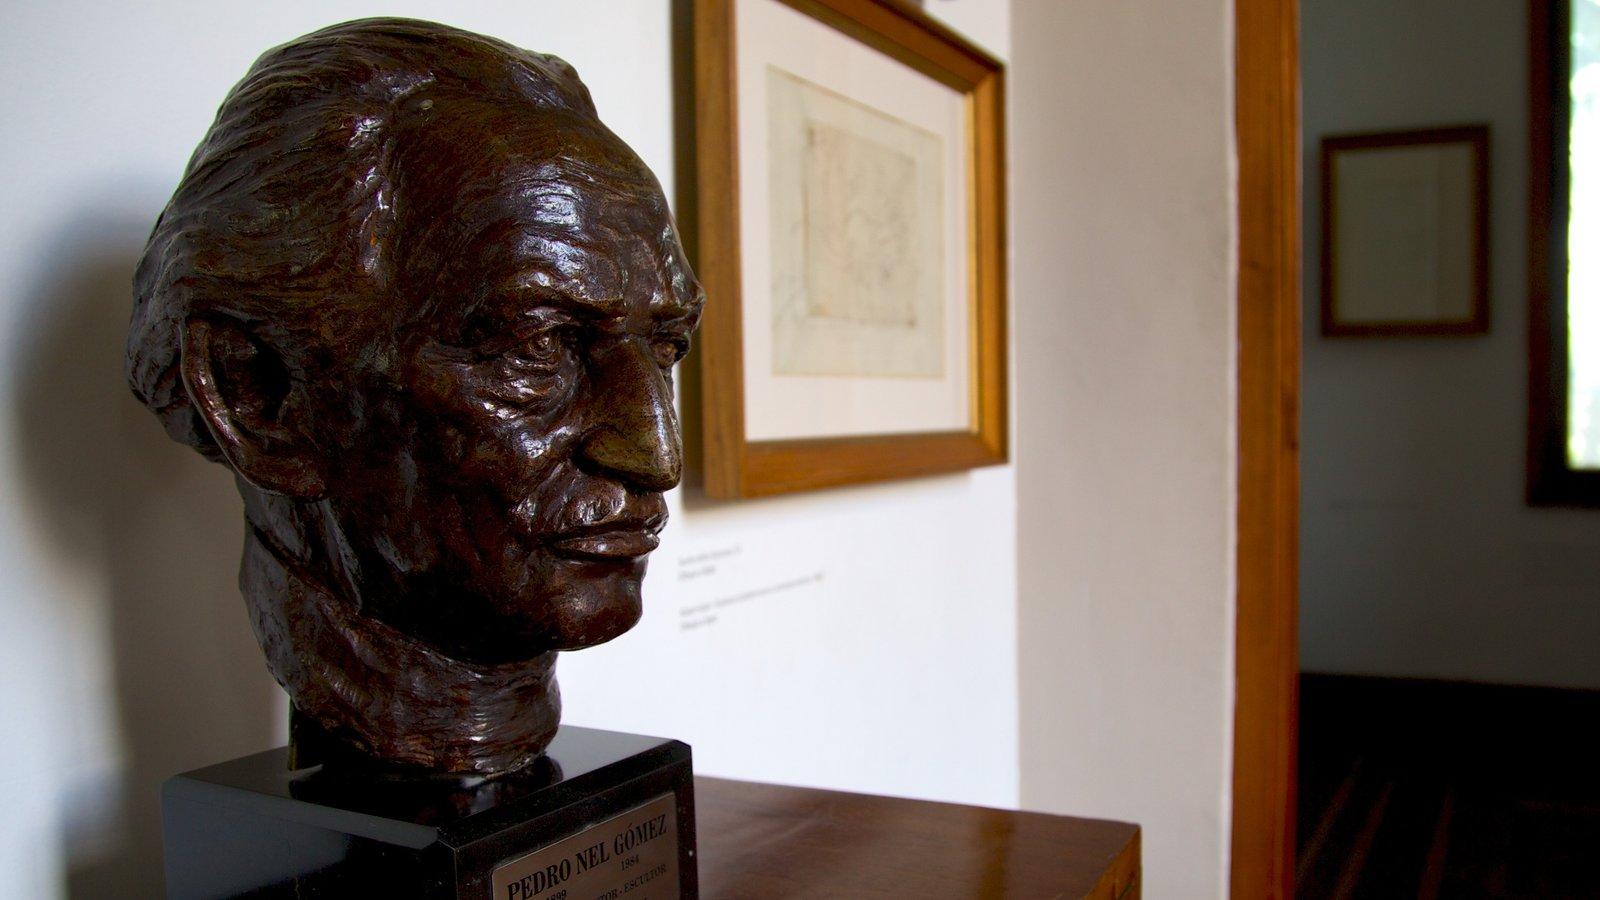 Fundación Casa Museo Maestro Pedro Nel Gómez que inclui uma estátua ou escultura e vistas internas